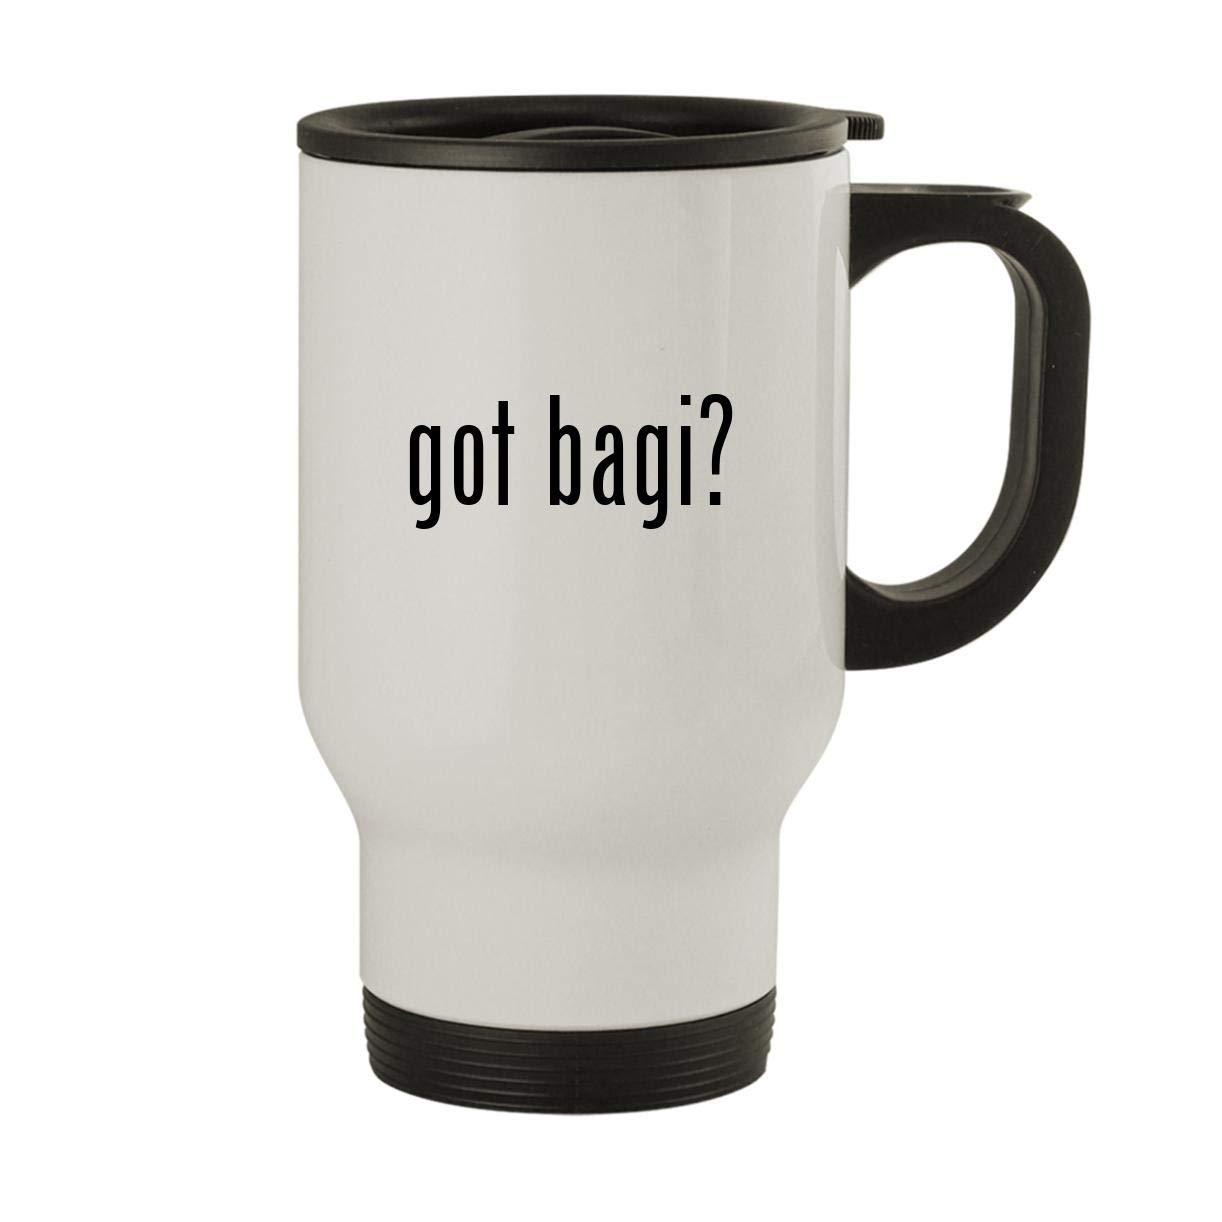 got bagi? - Stainless Steel 14oz Travel Mug, White